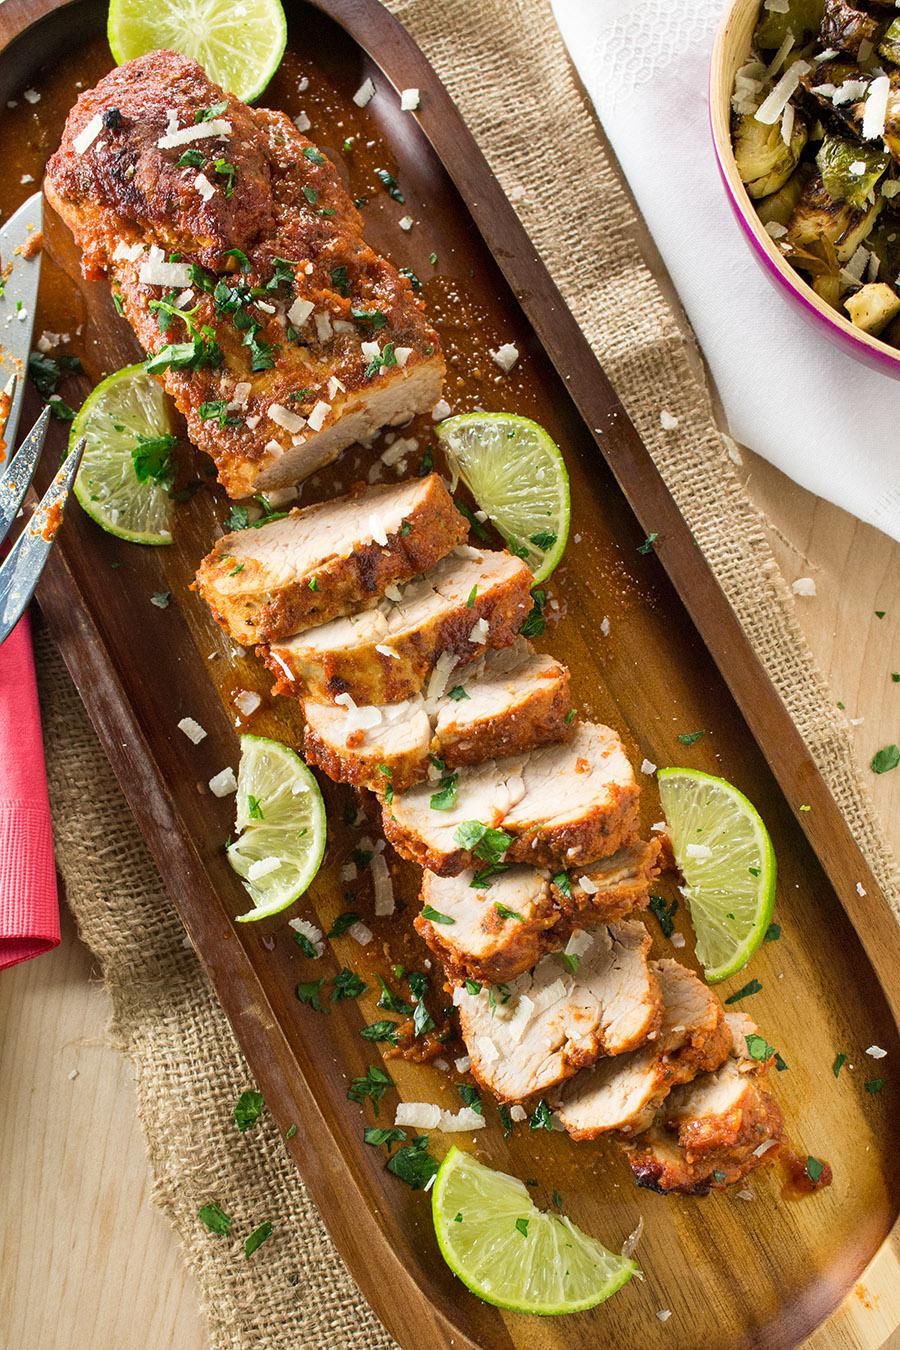 Chili Rubbed Pork Tenderloin